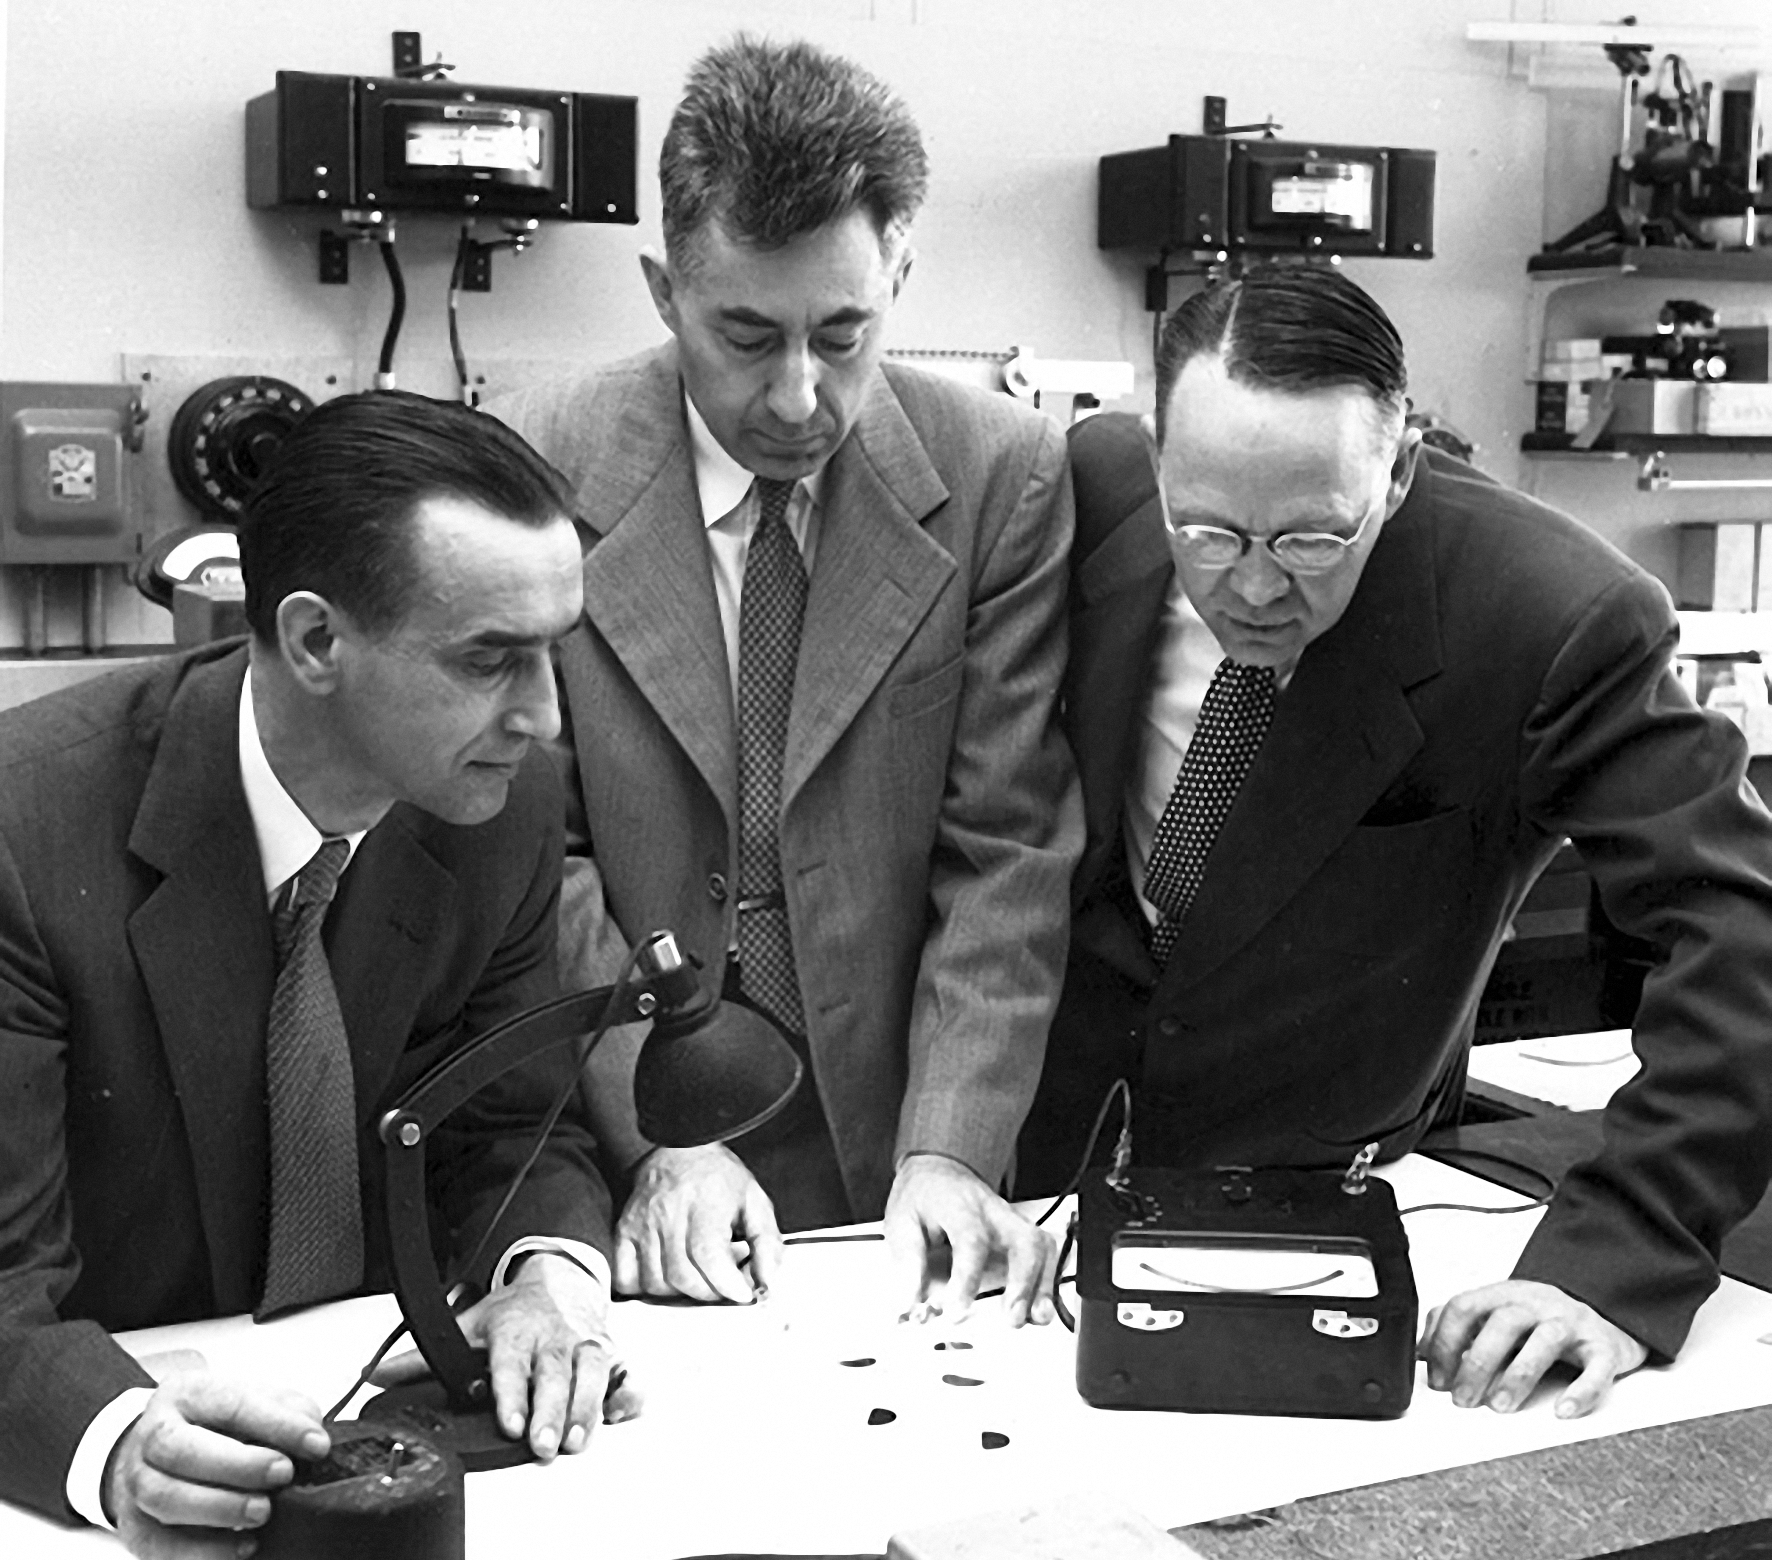 Nhóm nghiên cứu tại Bell Labs thử nghiệm các tế bào quang điện silic (Từ trái qua phải: Pearson, Chapin và Fuller). Ảnh: History.